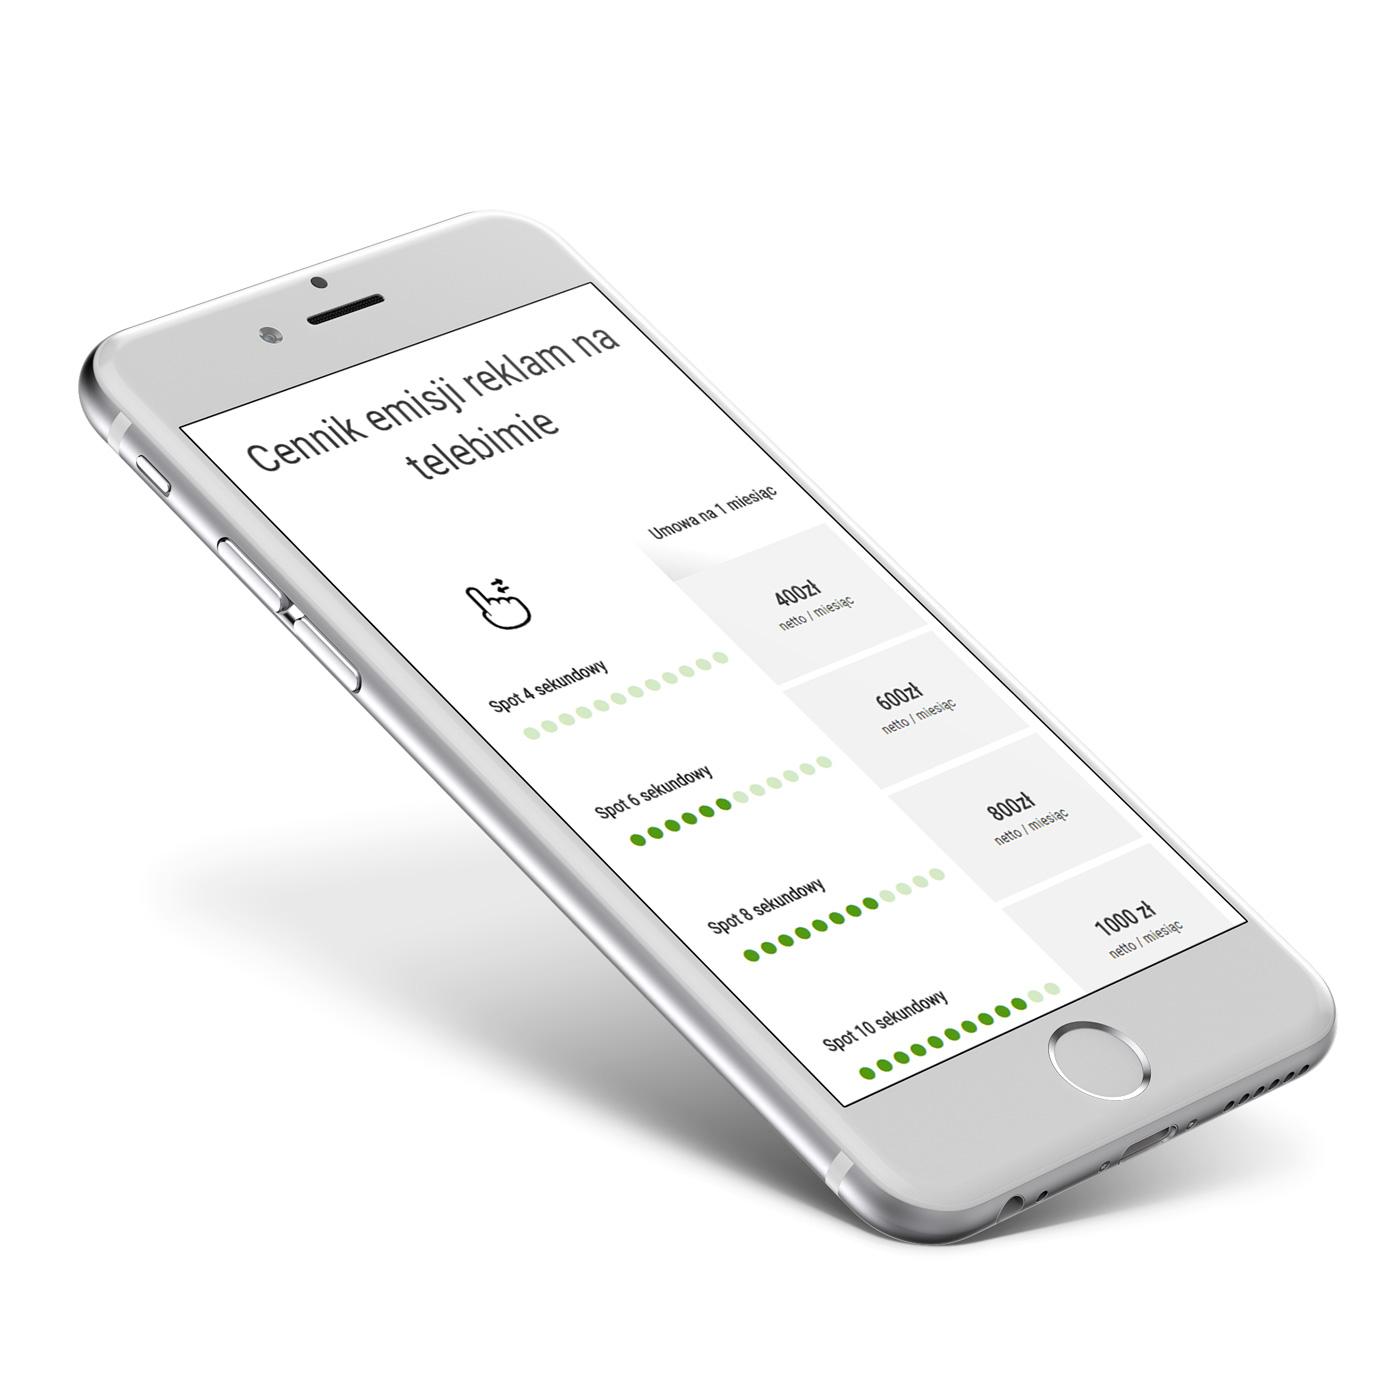 Neox - widok responsywnej strony www na telefonie